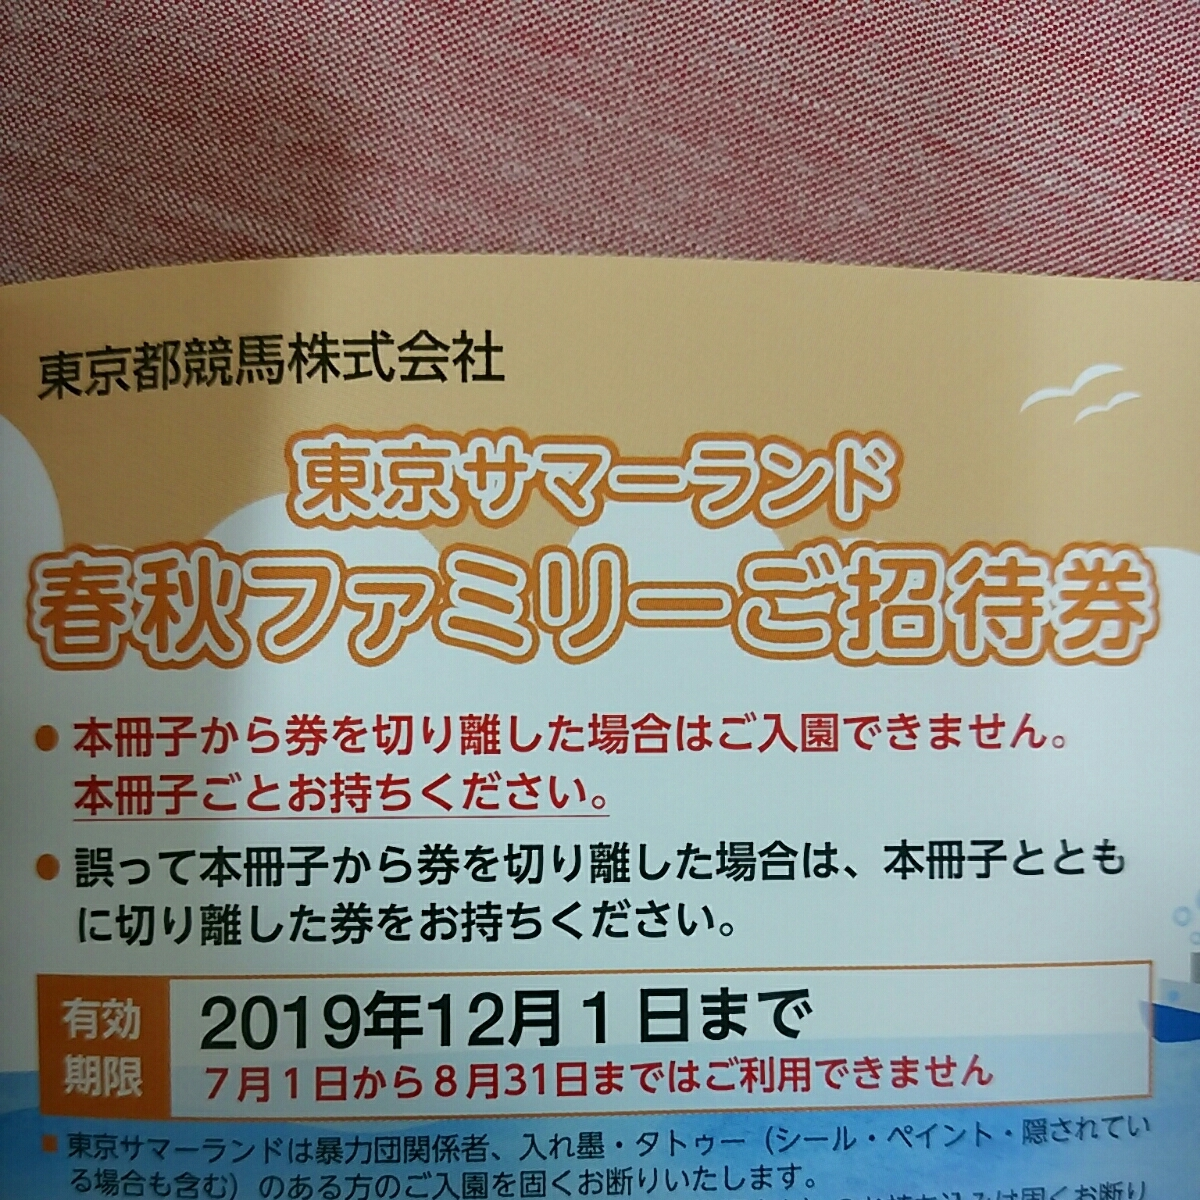 送料無料 東京サマーランド フリーパス サマーランド 株主優待券 定形郵便送料無料_画像4